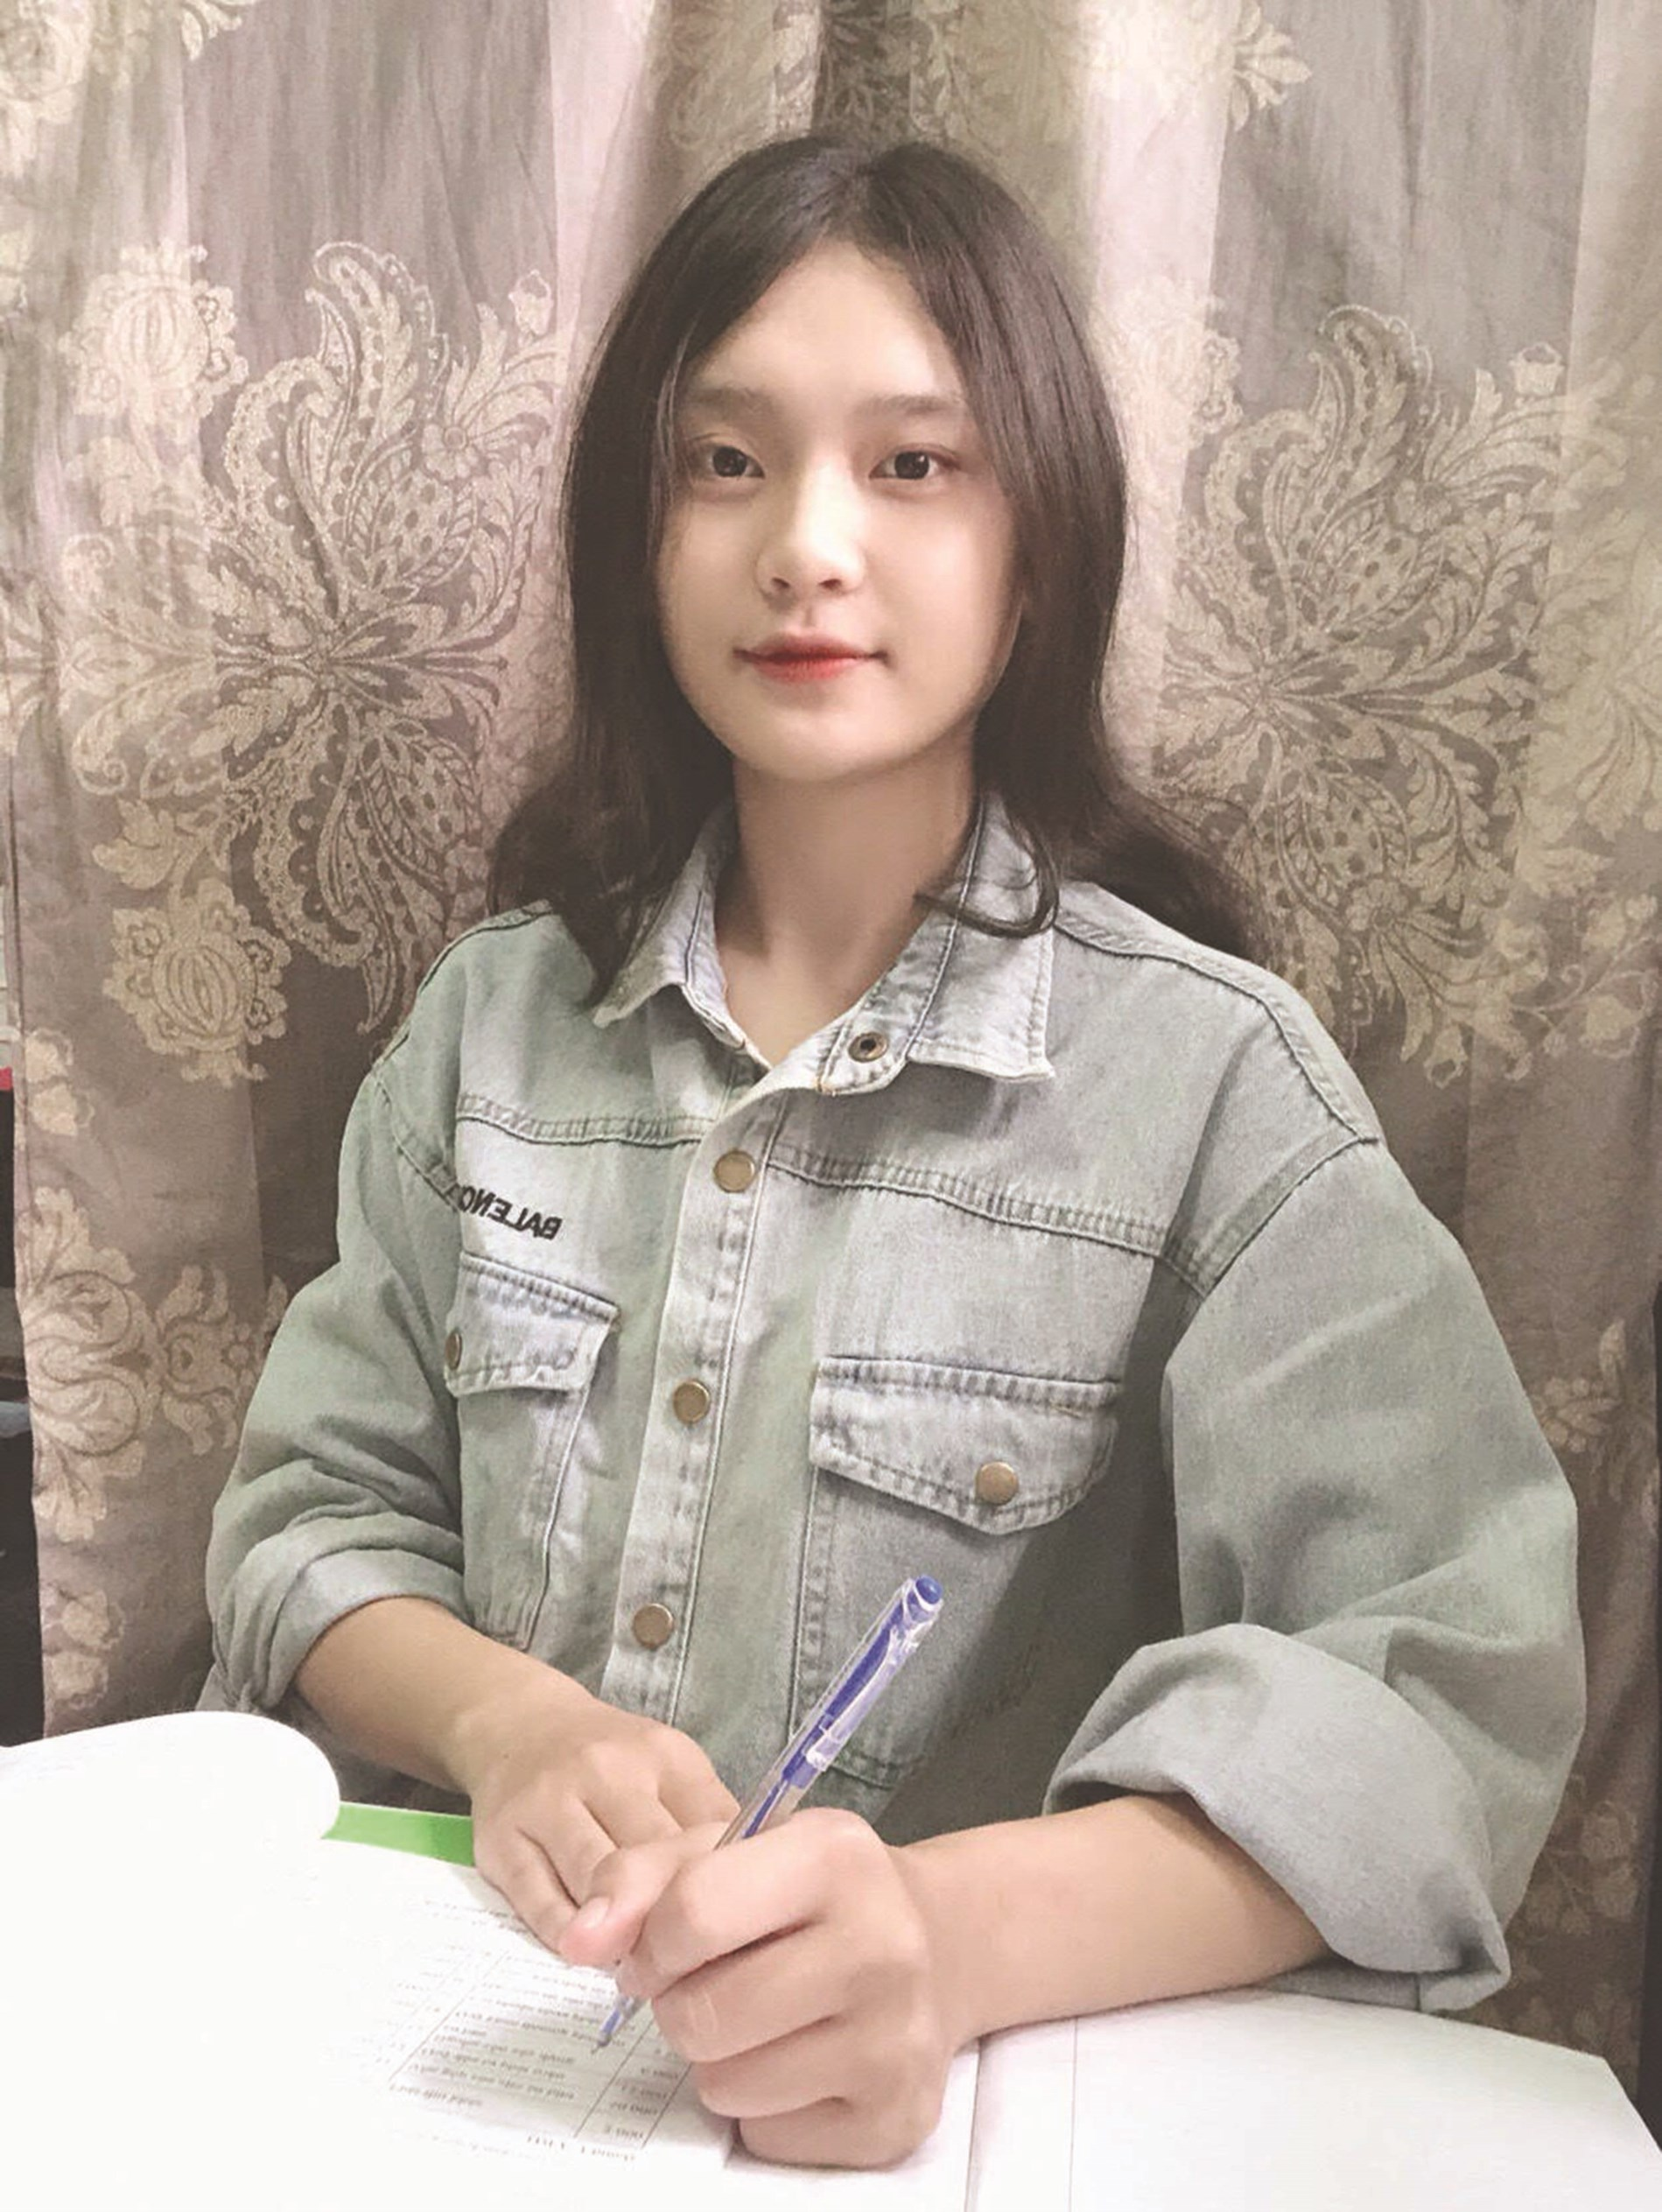 Em Lưu Quỳnh Anh (dân tộc Pà Thẻn) là một trong những gương mặt học sinh, sinh viên DTTS rất ít người đỗ đại học.